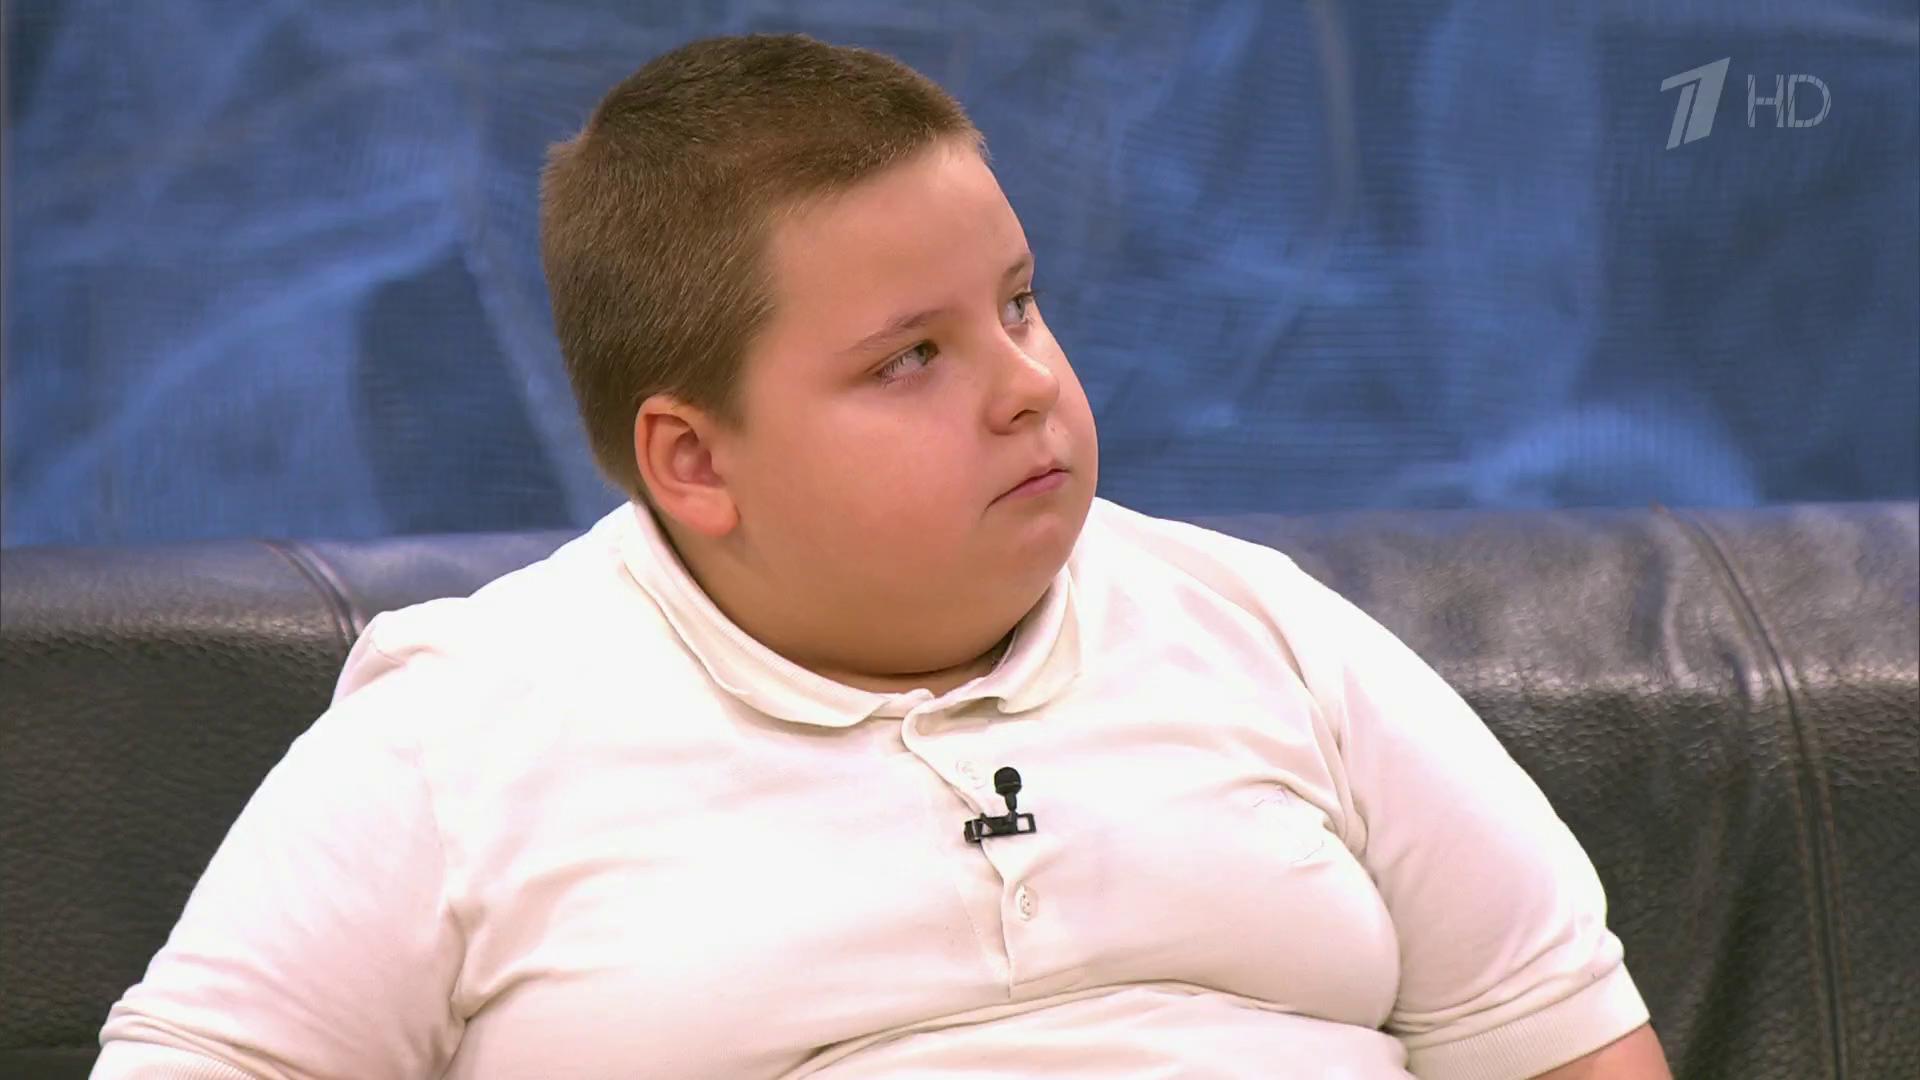 как похудеть мальчику подростку в 14 лет